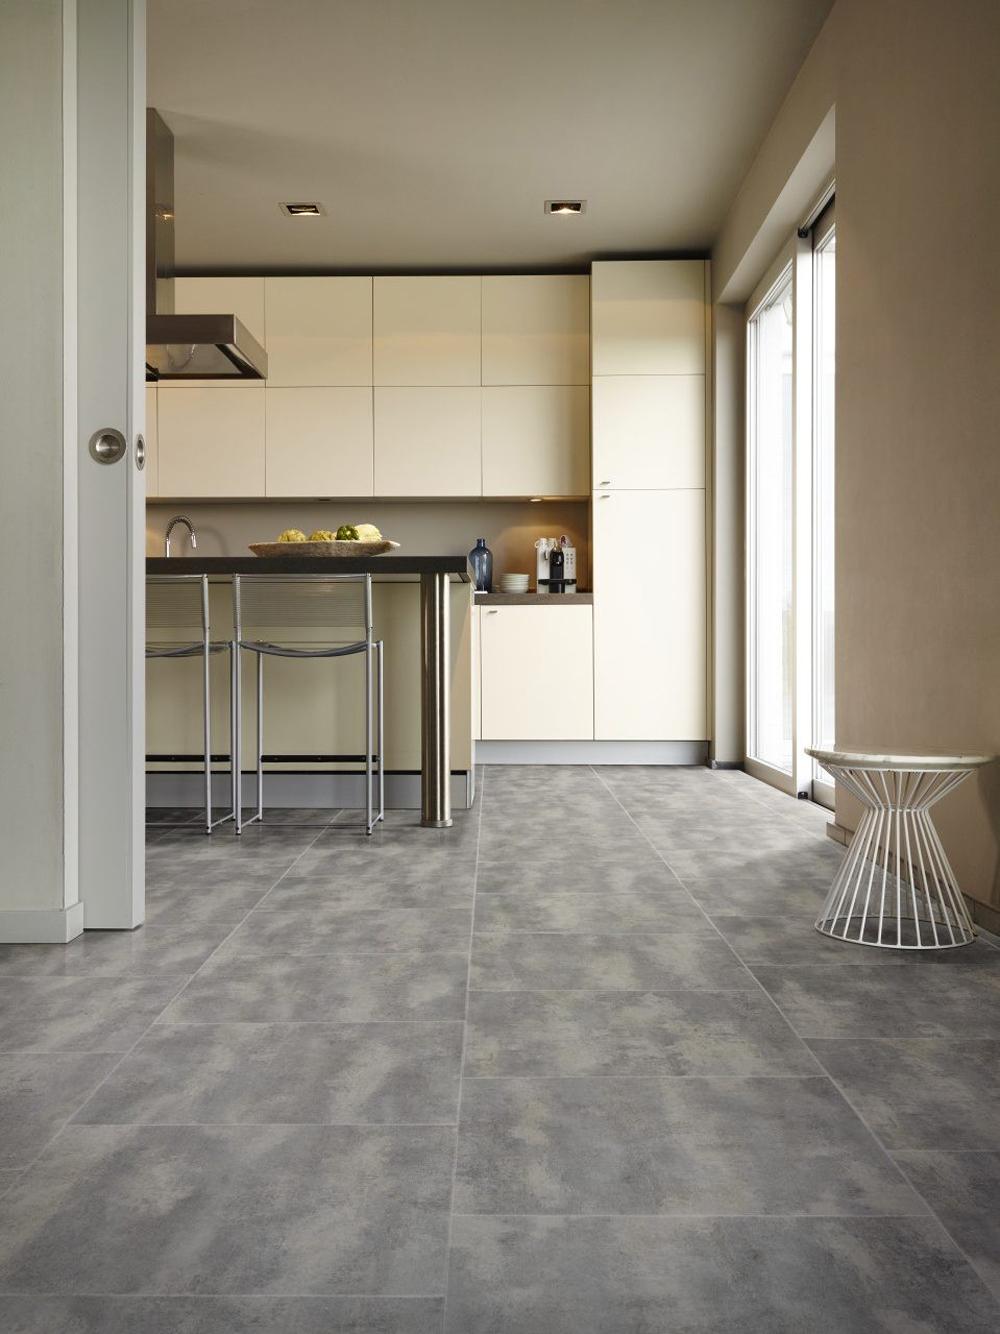 PVC vloer in betonlook tegels zijn uitstekend geschikt voor de keuken.